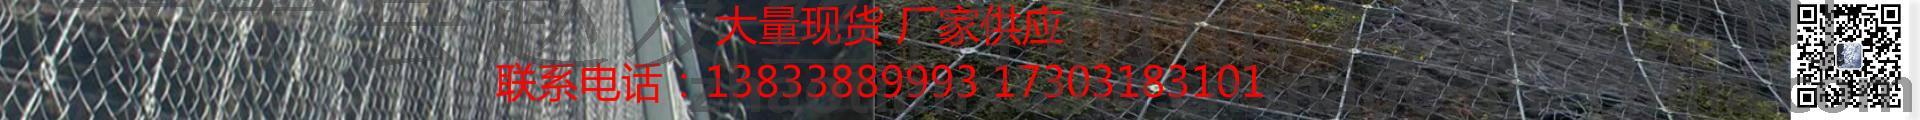 安平縣趙髮絲網製品有限公司